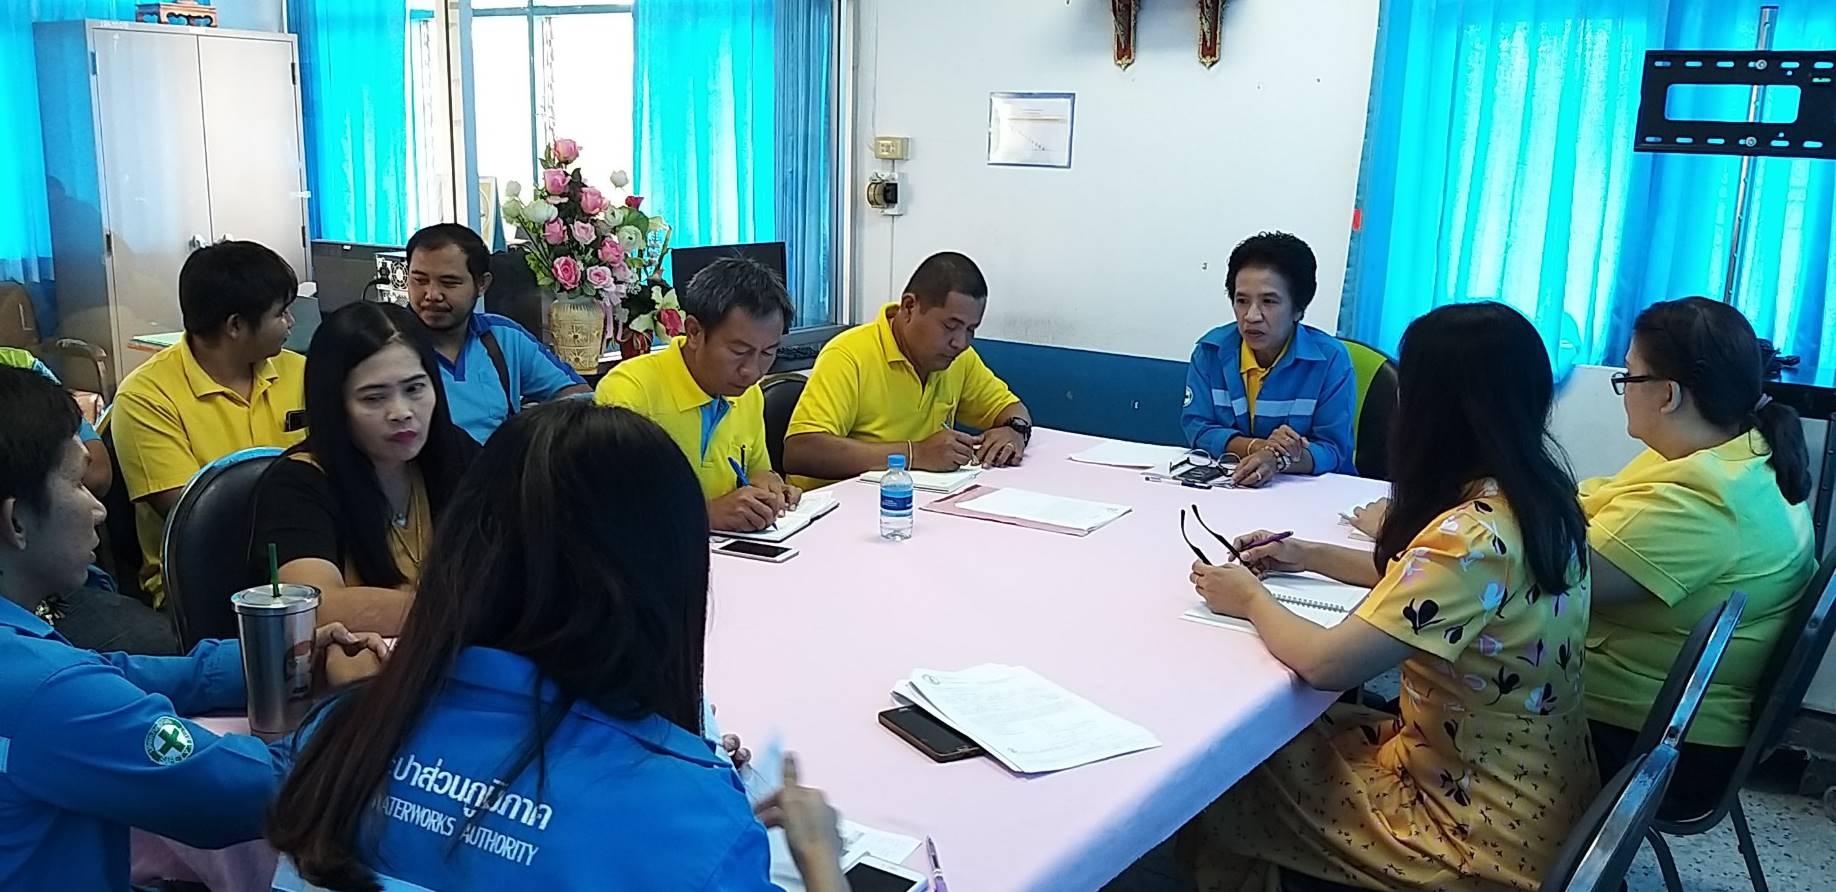 กปภ.สาขานครนายก จัดกิจกรรมสนทนายามเช้า (Morning Talk) ติดตามผลการดำเนินงาน ประจำเดือนมิถุนายน 2562